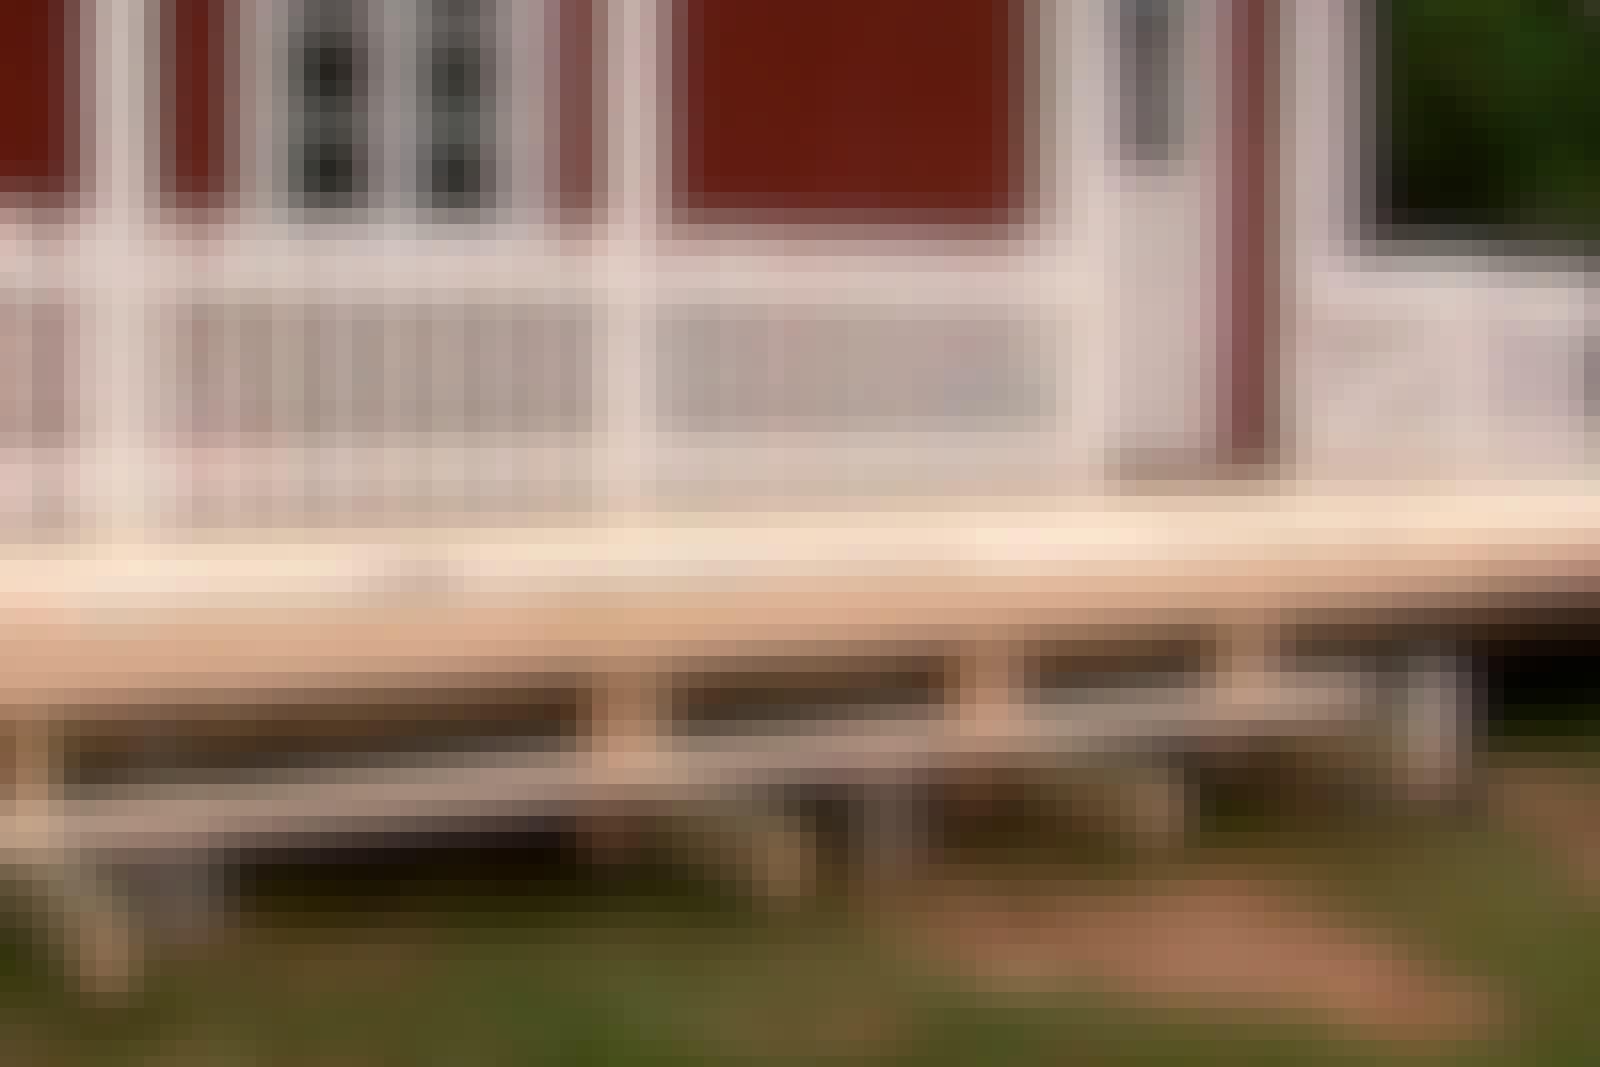 Terassin kaide: Yksi tavallisimmista tavoista on rakentaa kaiteet pystytolppien väliin.